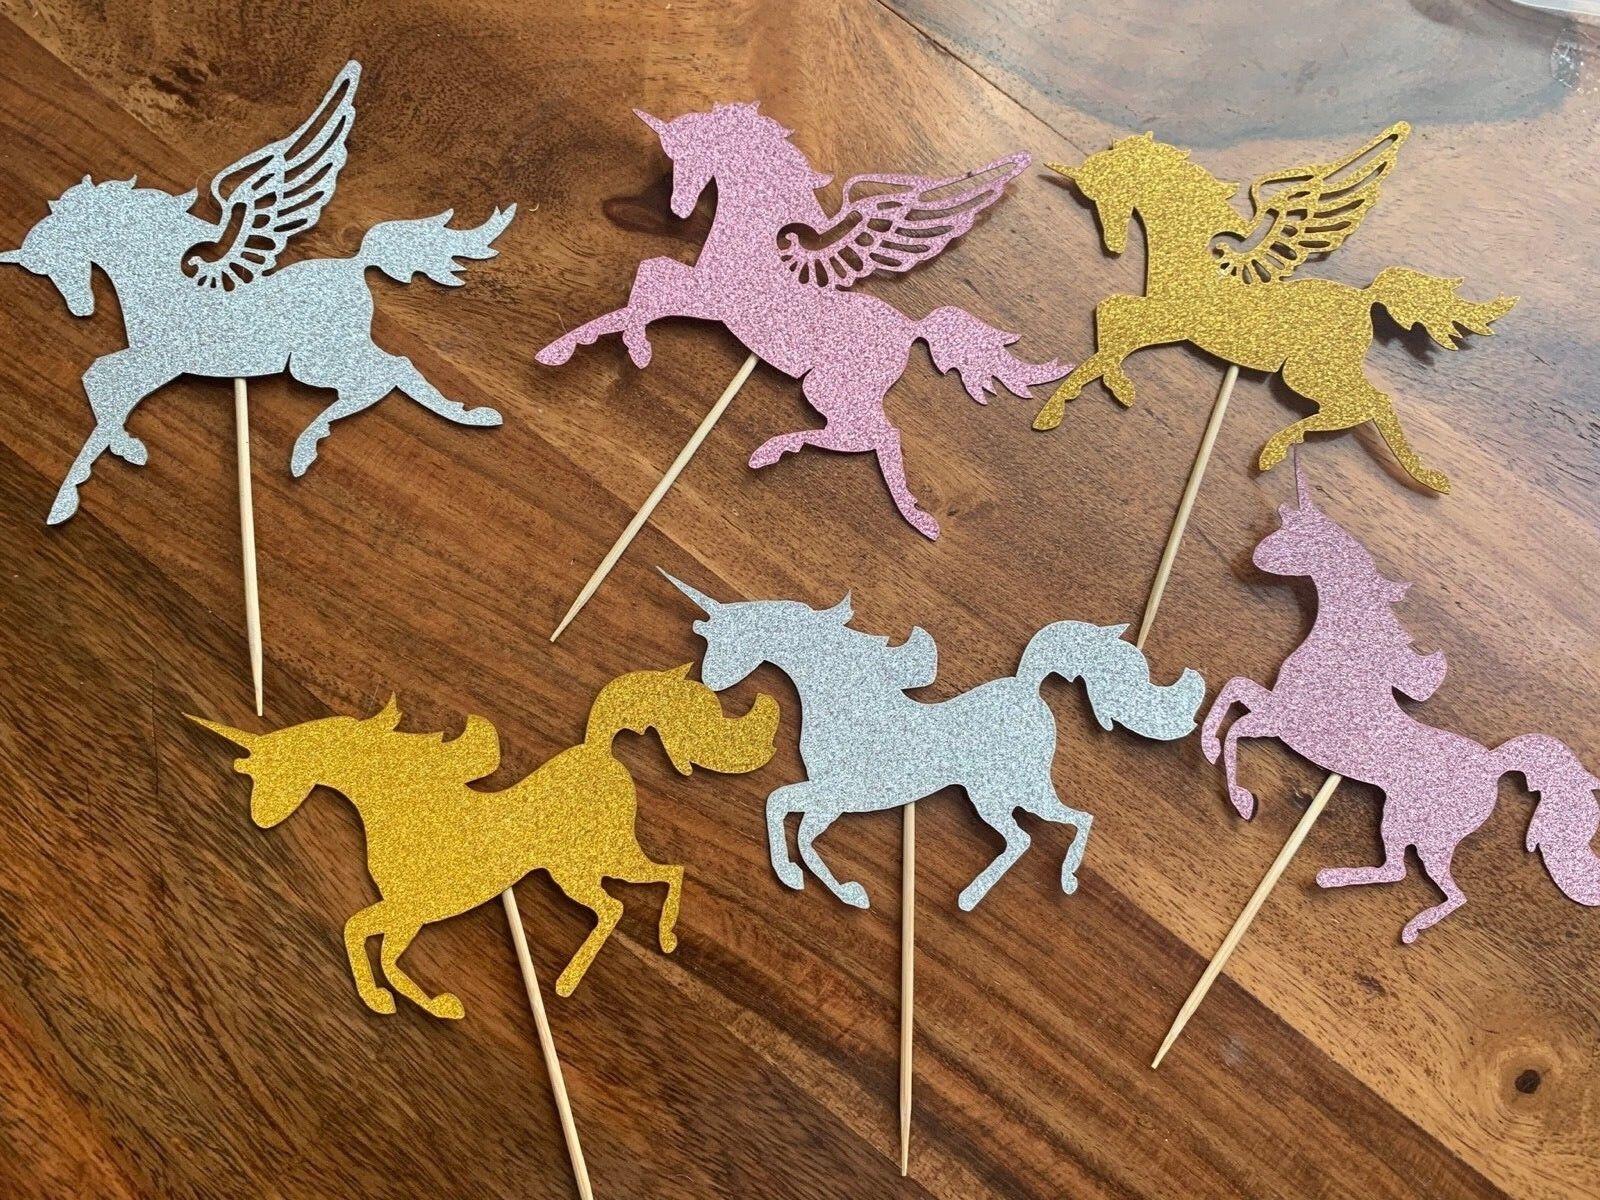 État 500 Non Hangar paillettes Unicorn Pegasus Fête Gateau Toppers Rose Or Argent